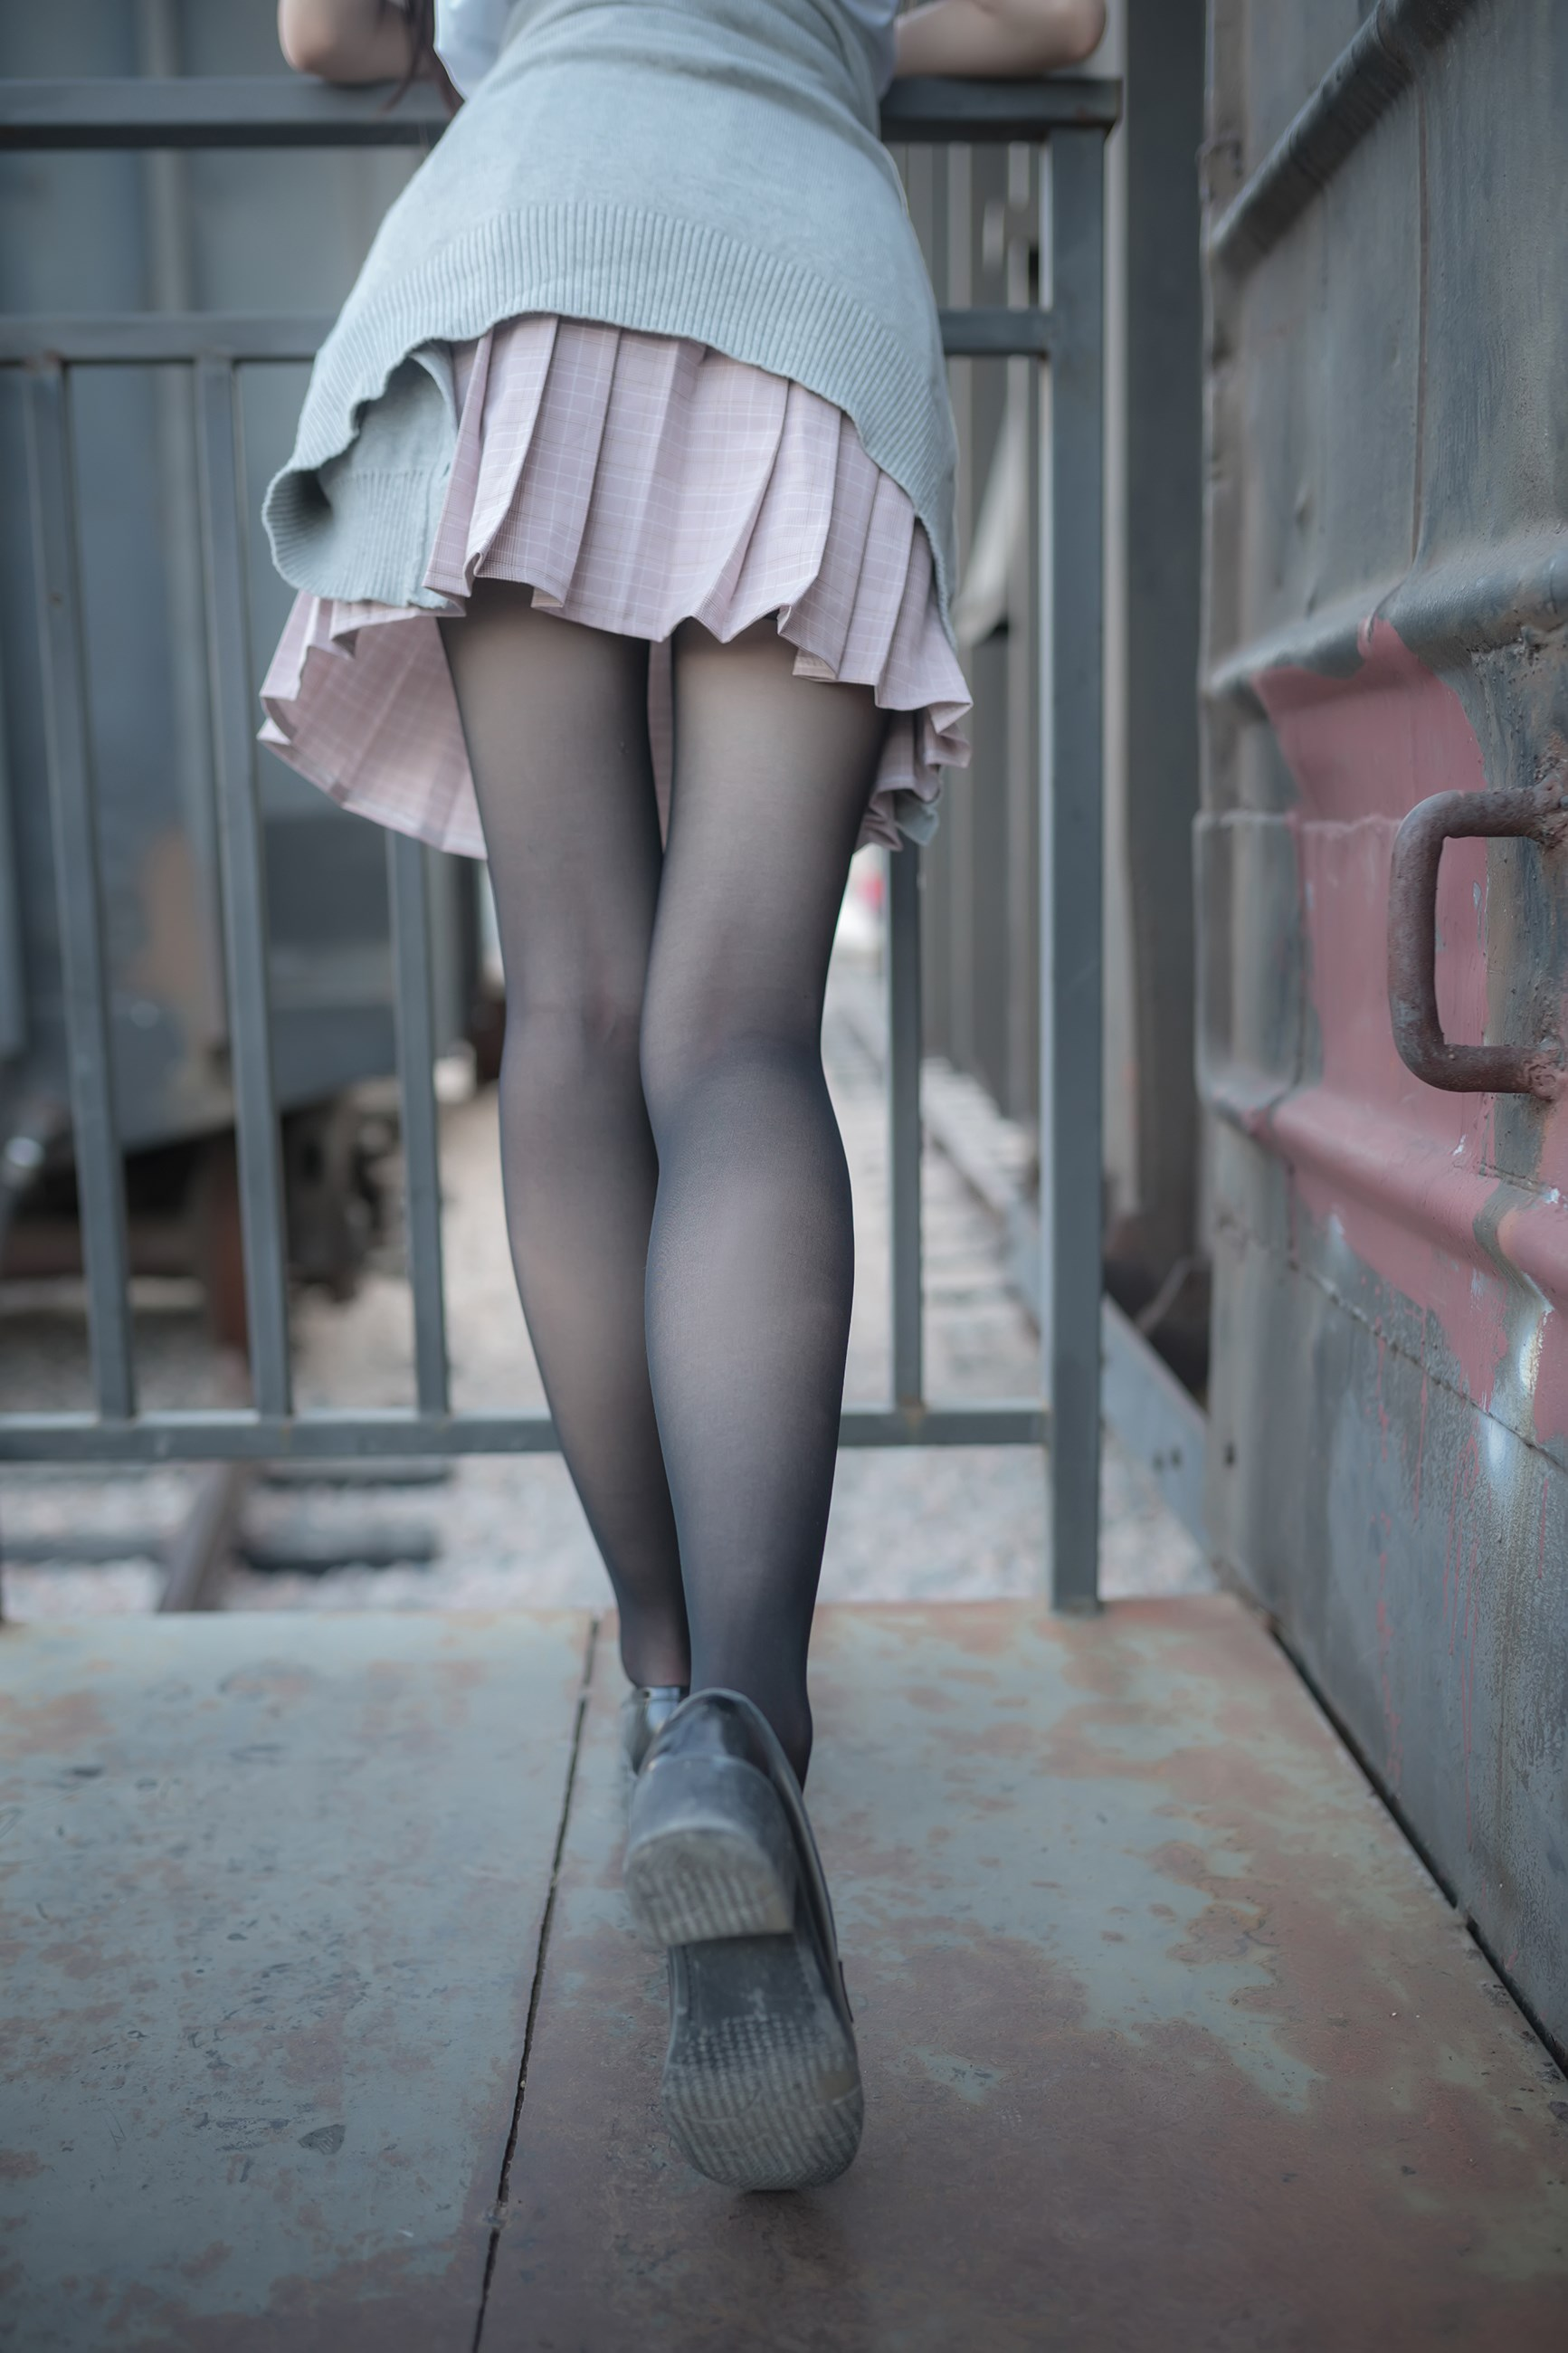 【兔玩映画】铁轨旁的小细腿 兔玩映画 第23张